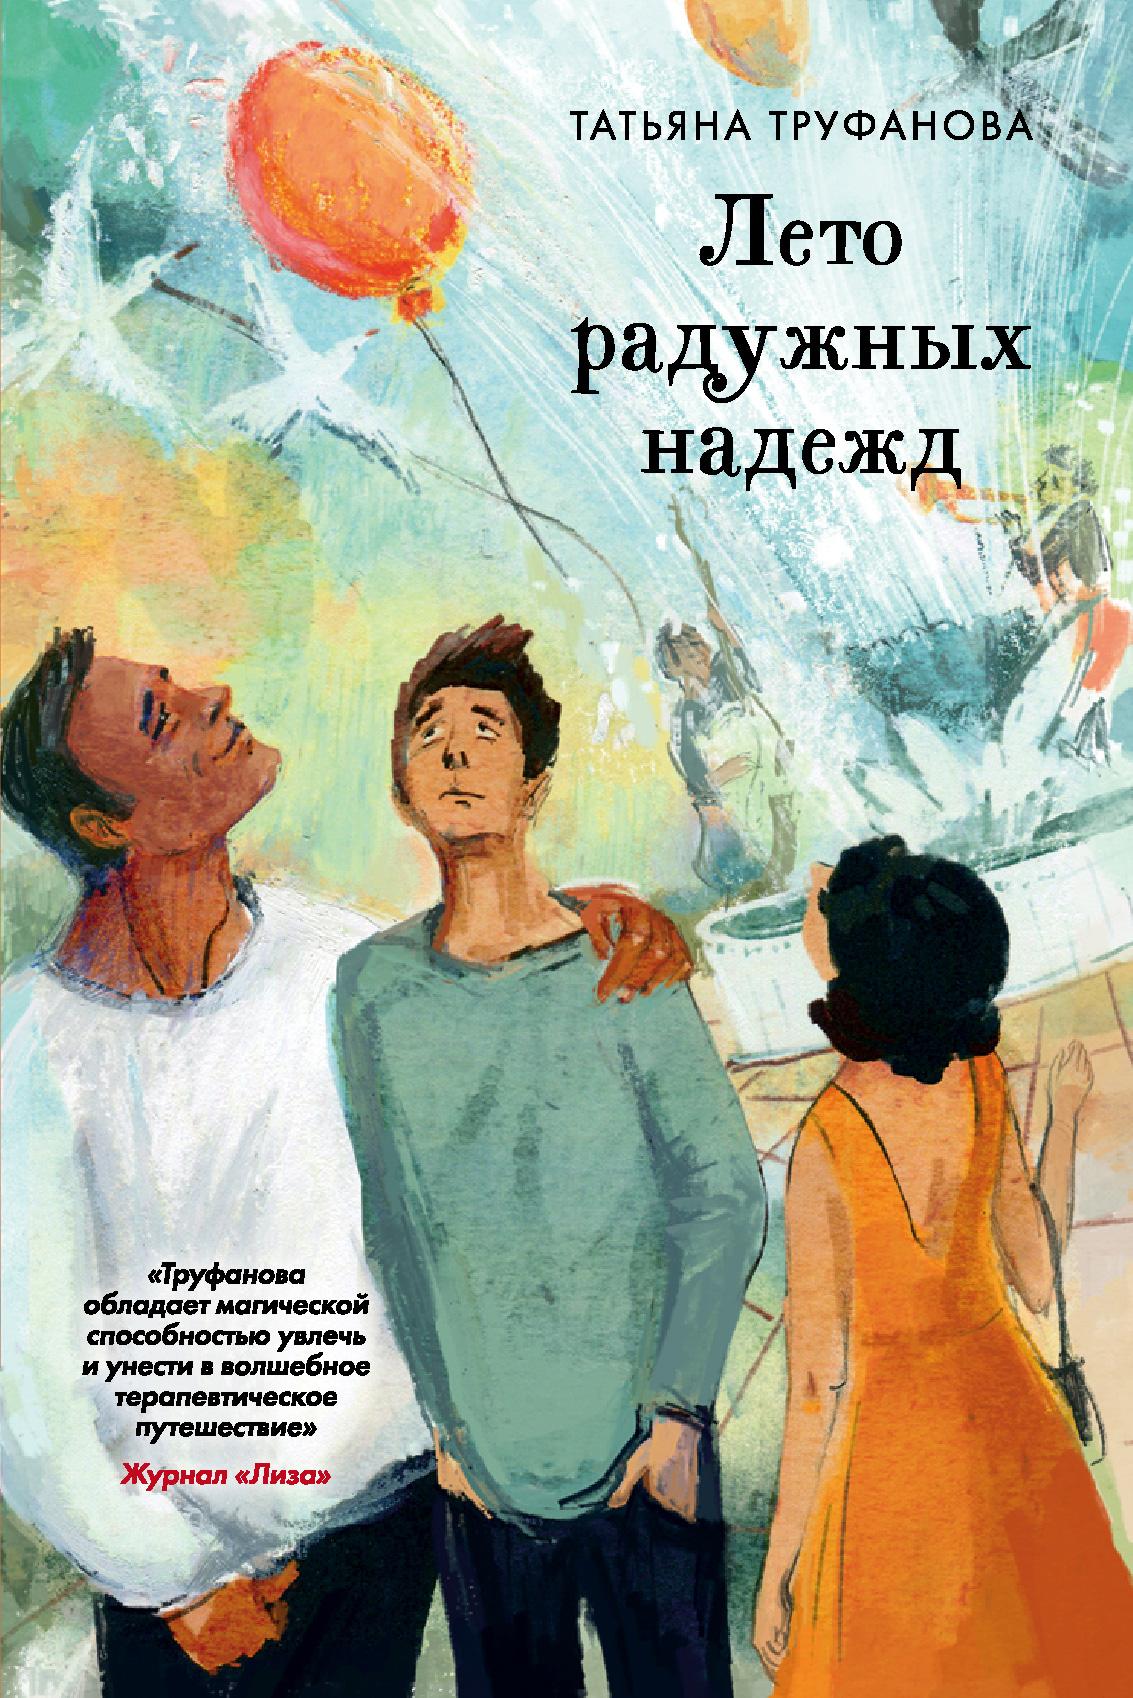 и русый время надежд книга 2